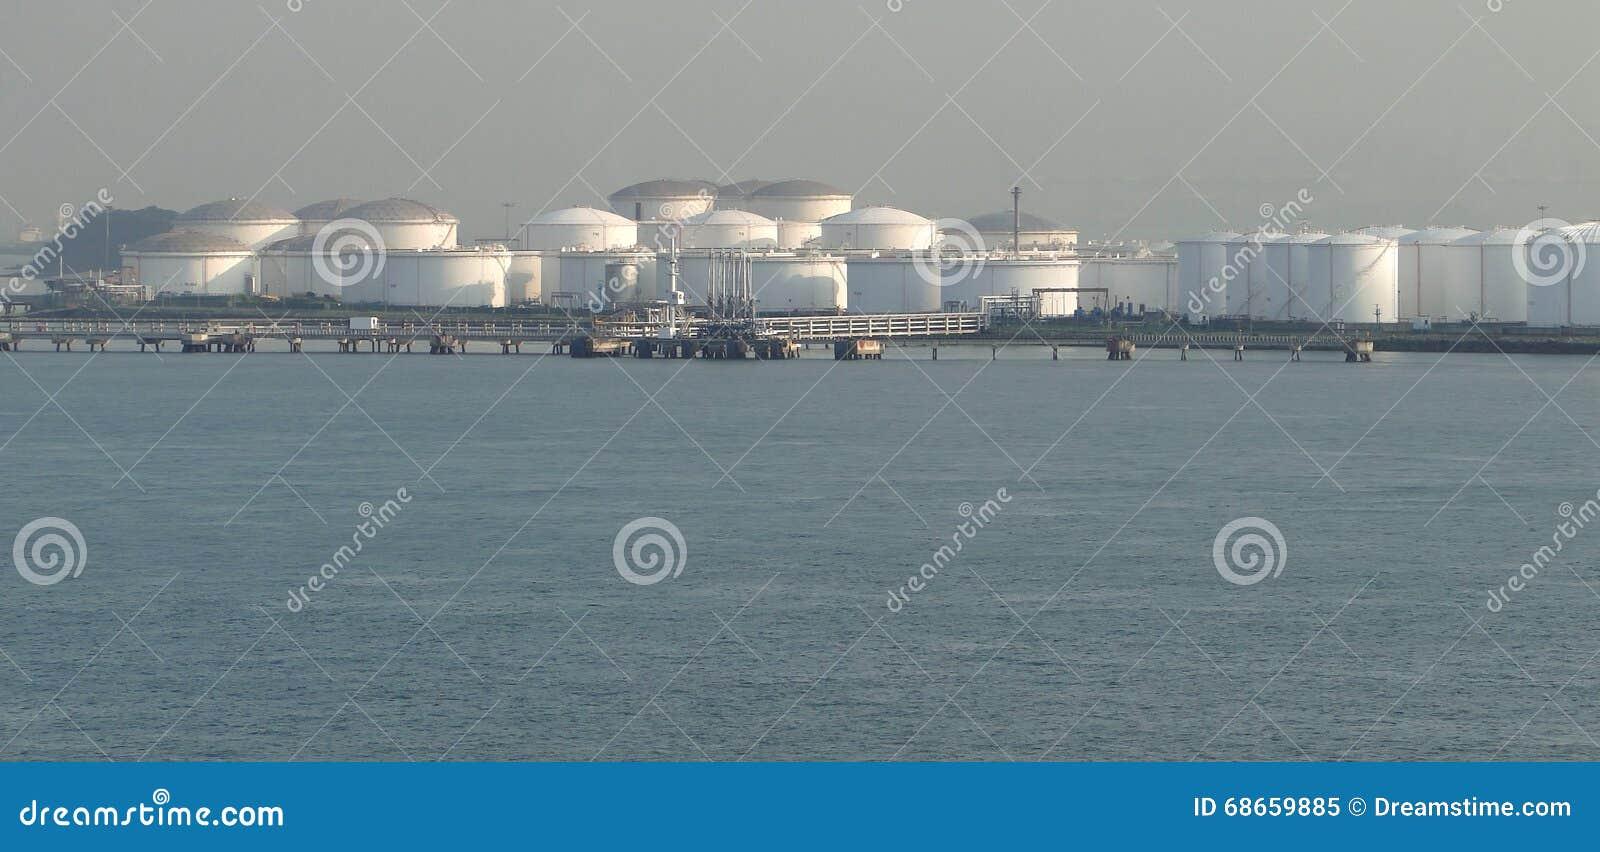 Zbiornikowiec do ropy w rozładowywać nafcianego zbiornika, oliwią stale przepływy w składowych zbiorniki